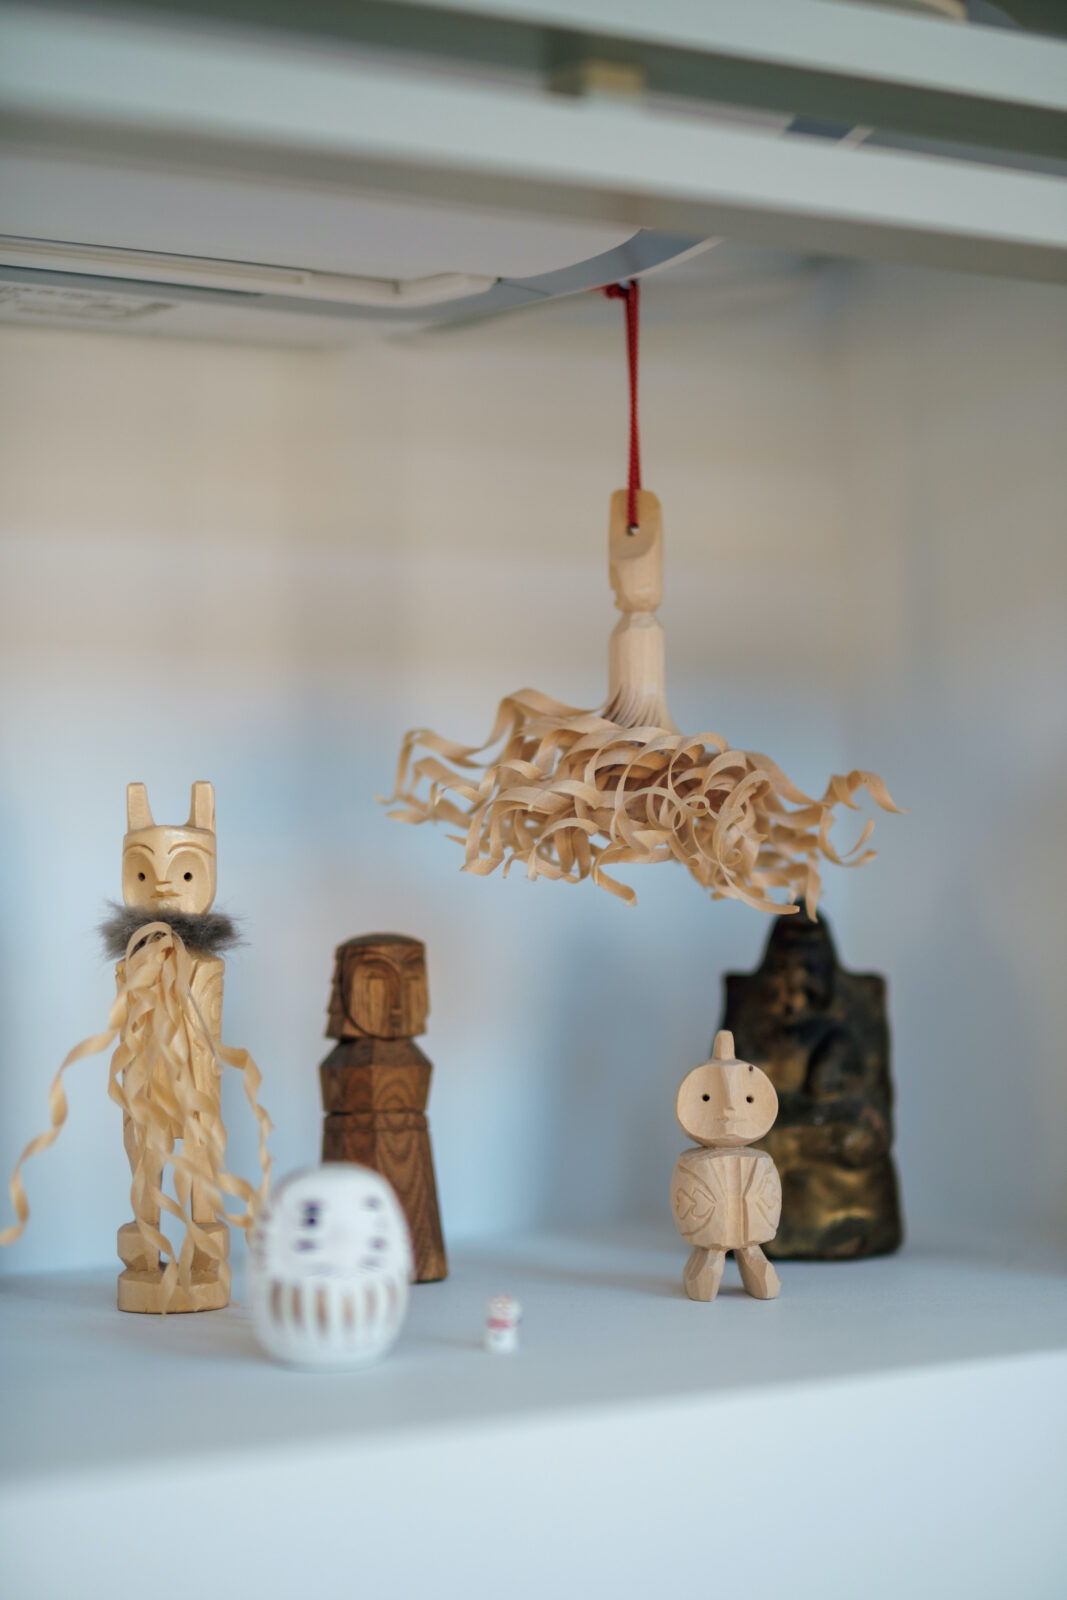 エアコン下に飾られた木彫りたち。頭にツノのようなものが生えている人形は北方民族へのオマージュから生まれた網走の民芸品「セワポロロ」。3年ほど前に網走市内の大広民芸店で購入。